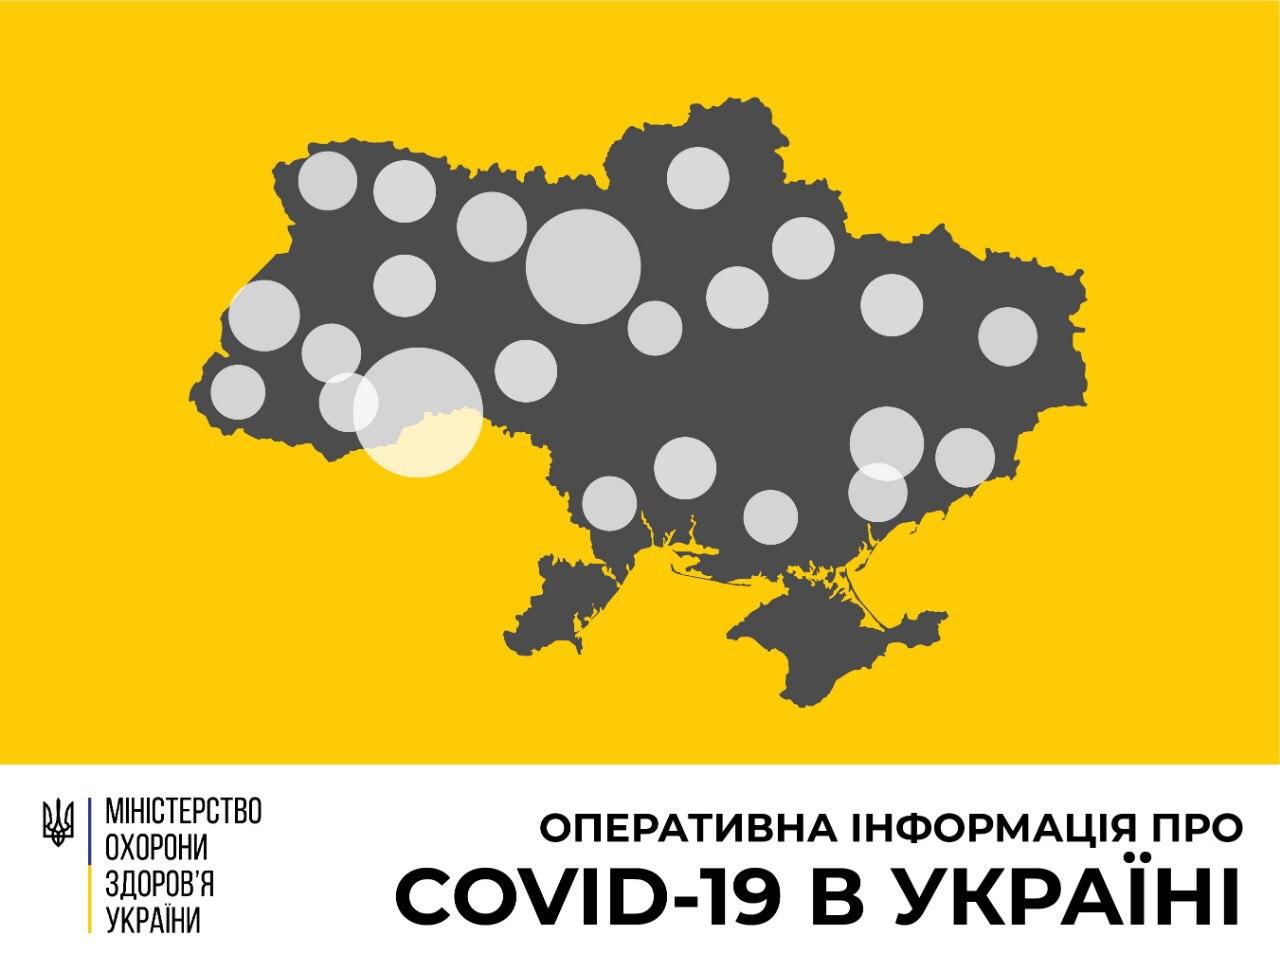 Вже понад чотири сотні заражених і майже десять смертей: коронавірус в Україні різко набирає обертів